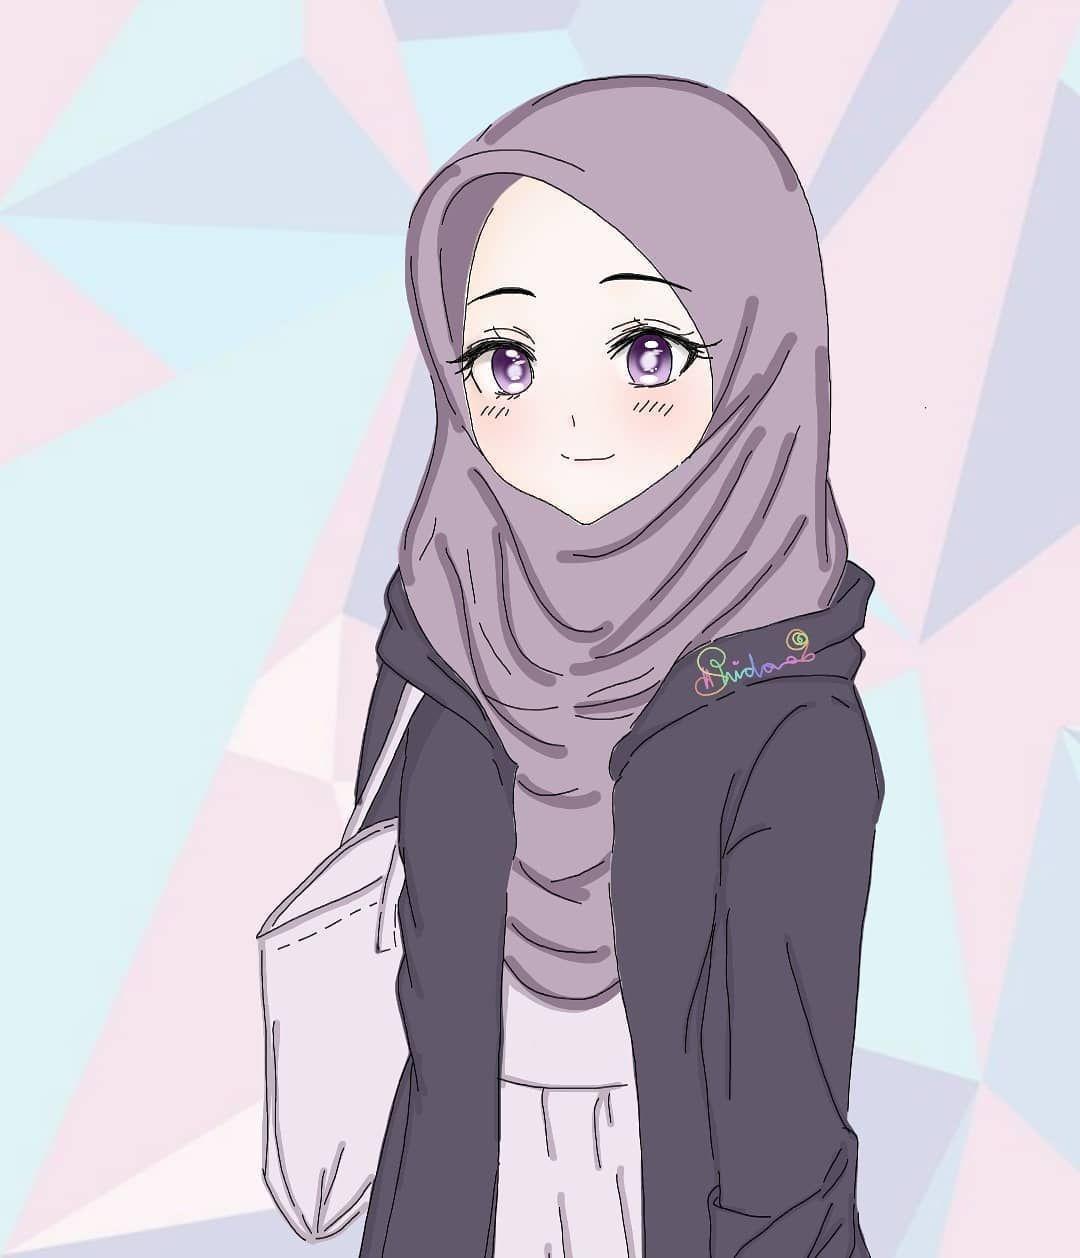 Pin Oleh Asheka Di Anime Muslimah Ilustrasi Karakter Kartun Seni Islamis